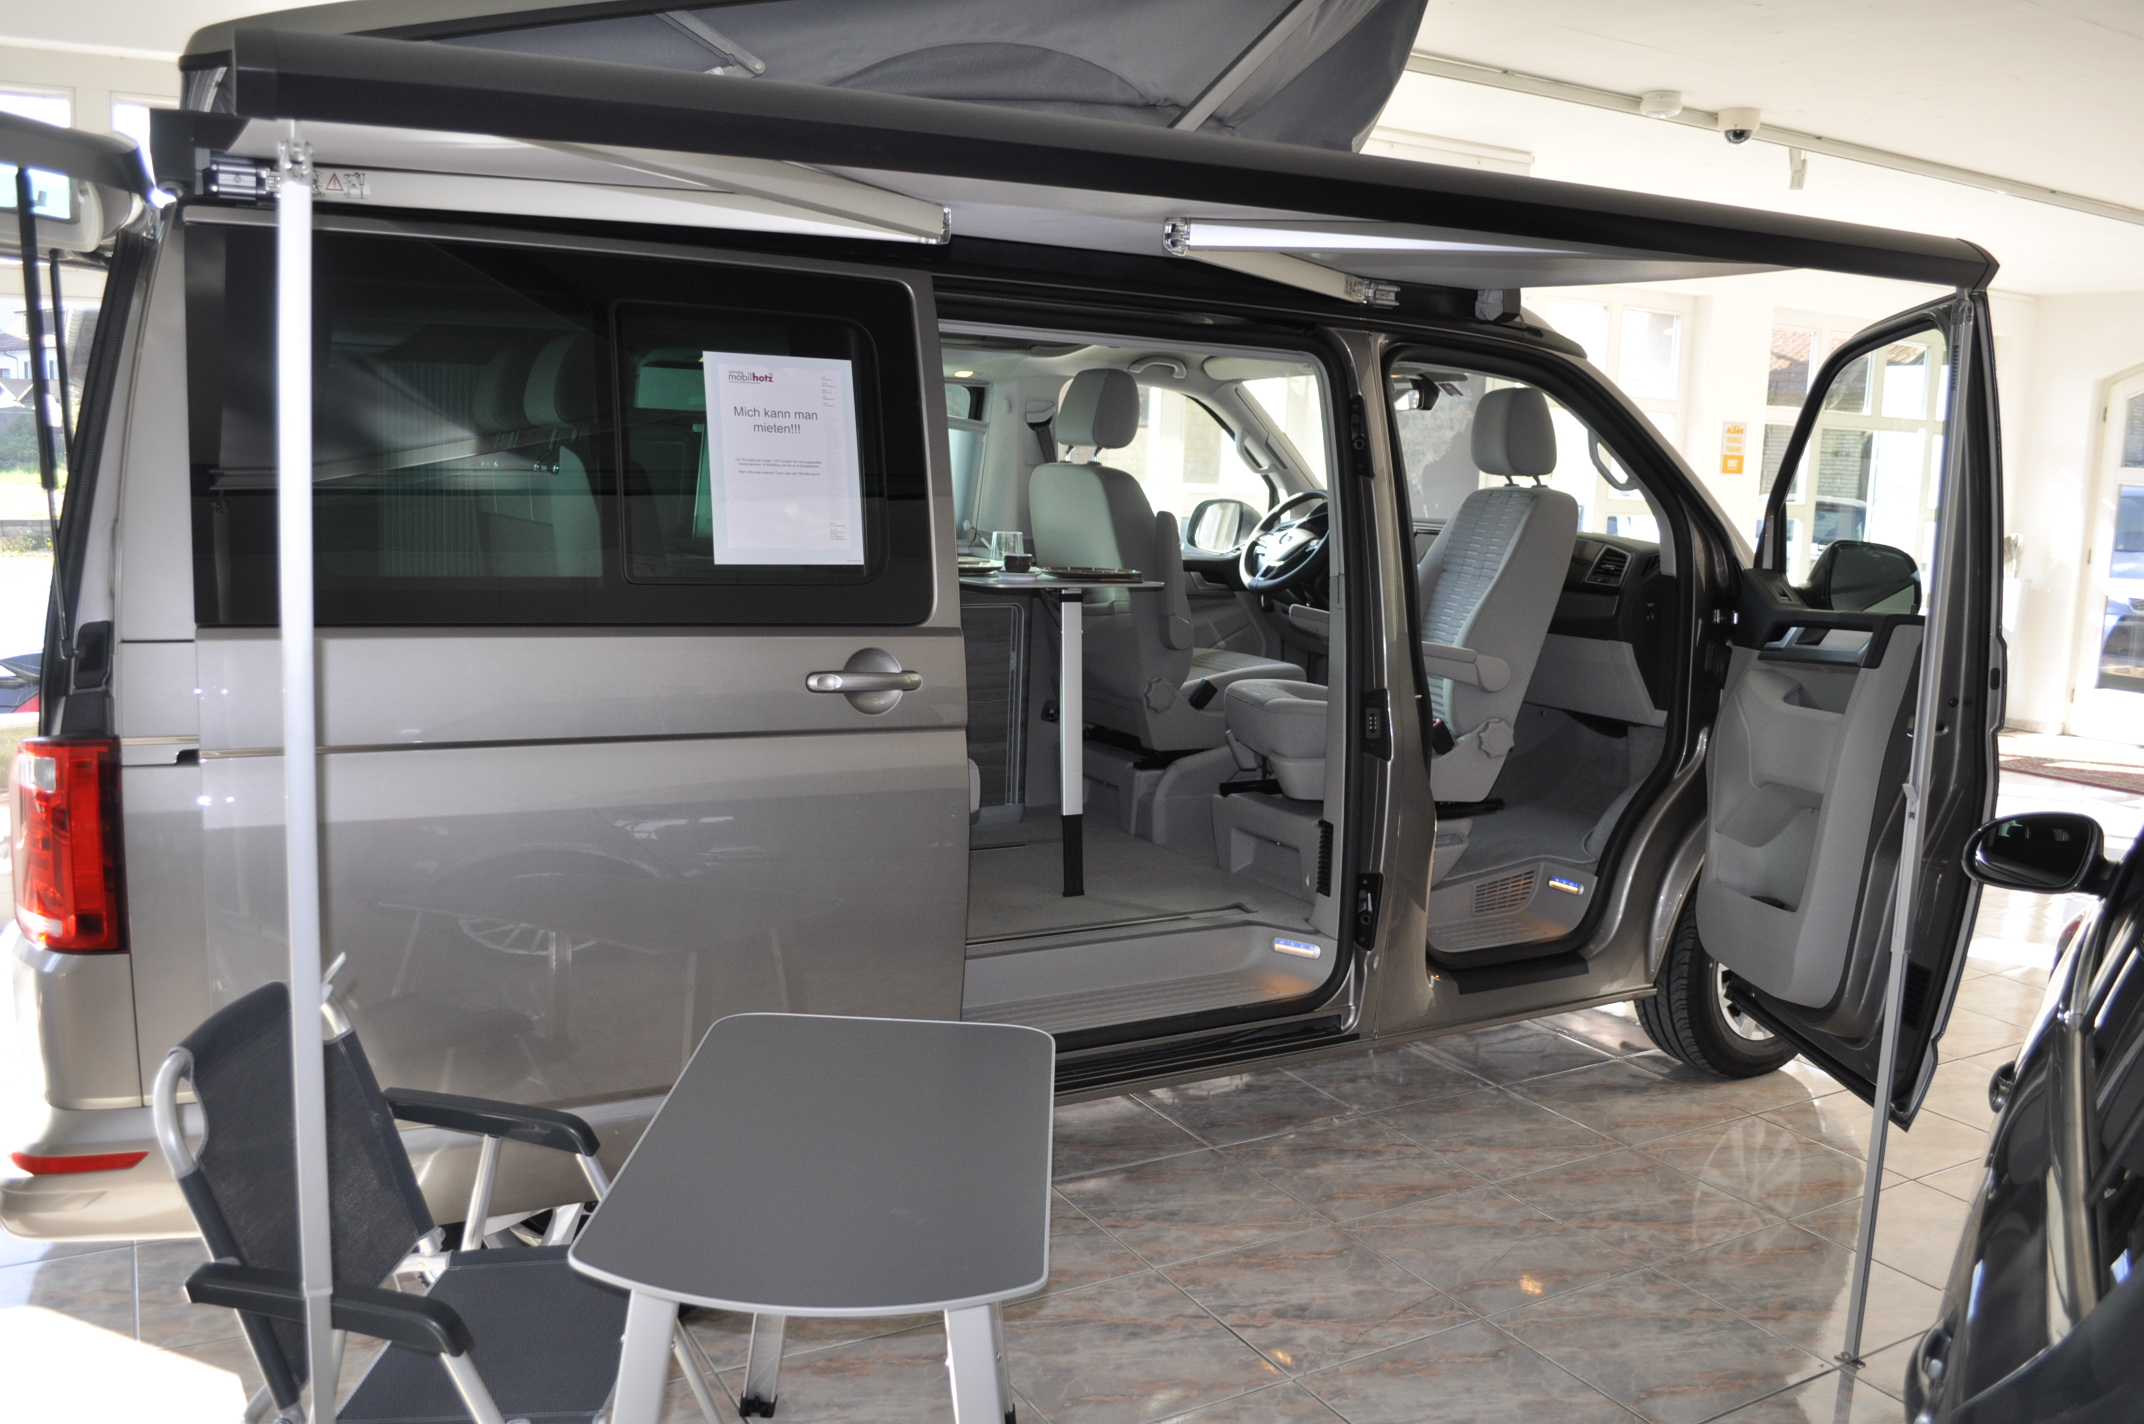 vw california mietwagen besichtigung vw california kaufen z rich garage mobilhotz ag. Black Bedroom Furniture Sets. Home Design Ideas